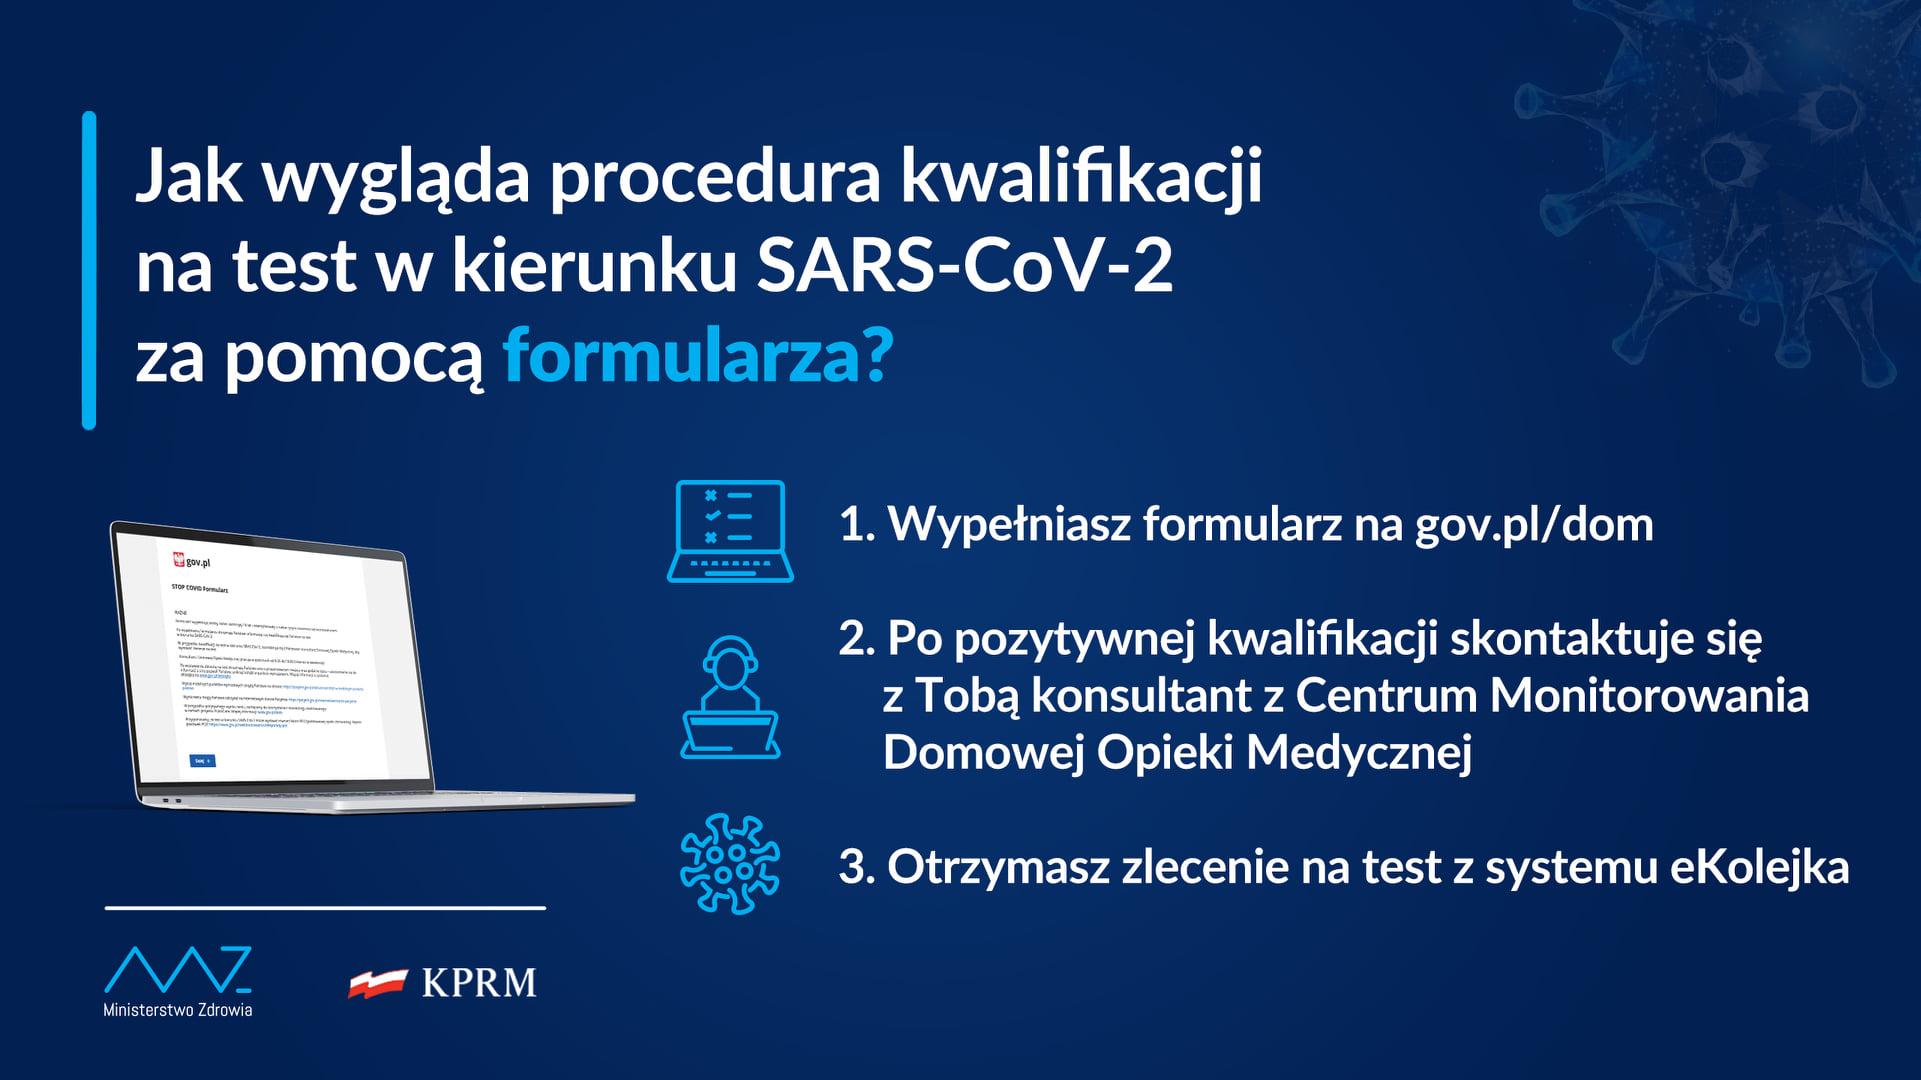 Ilustracja. Jak wygląda procedura kwalifikacji na test w kierunku SARS-CoV-2 za pomocą formularza?